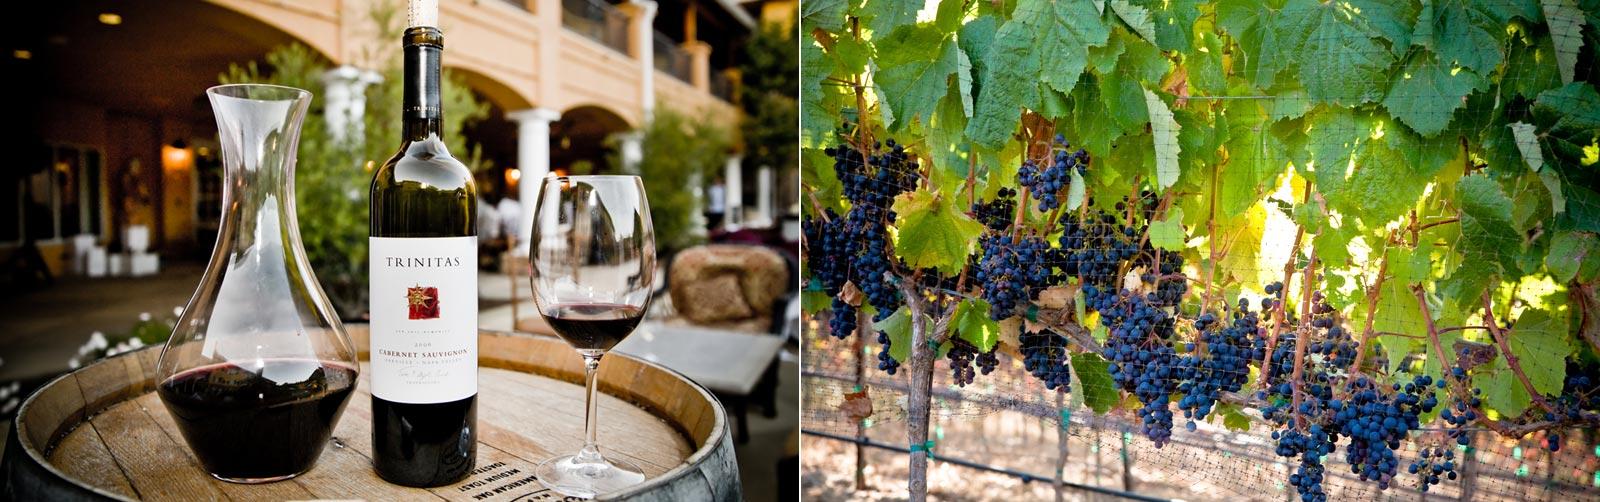 private wine tasking in Napa Valley